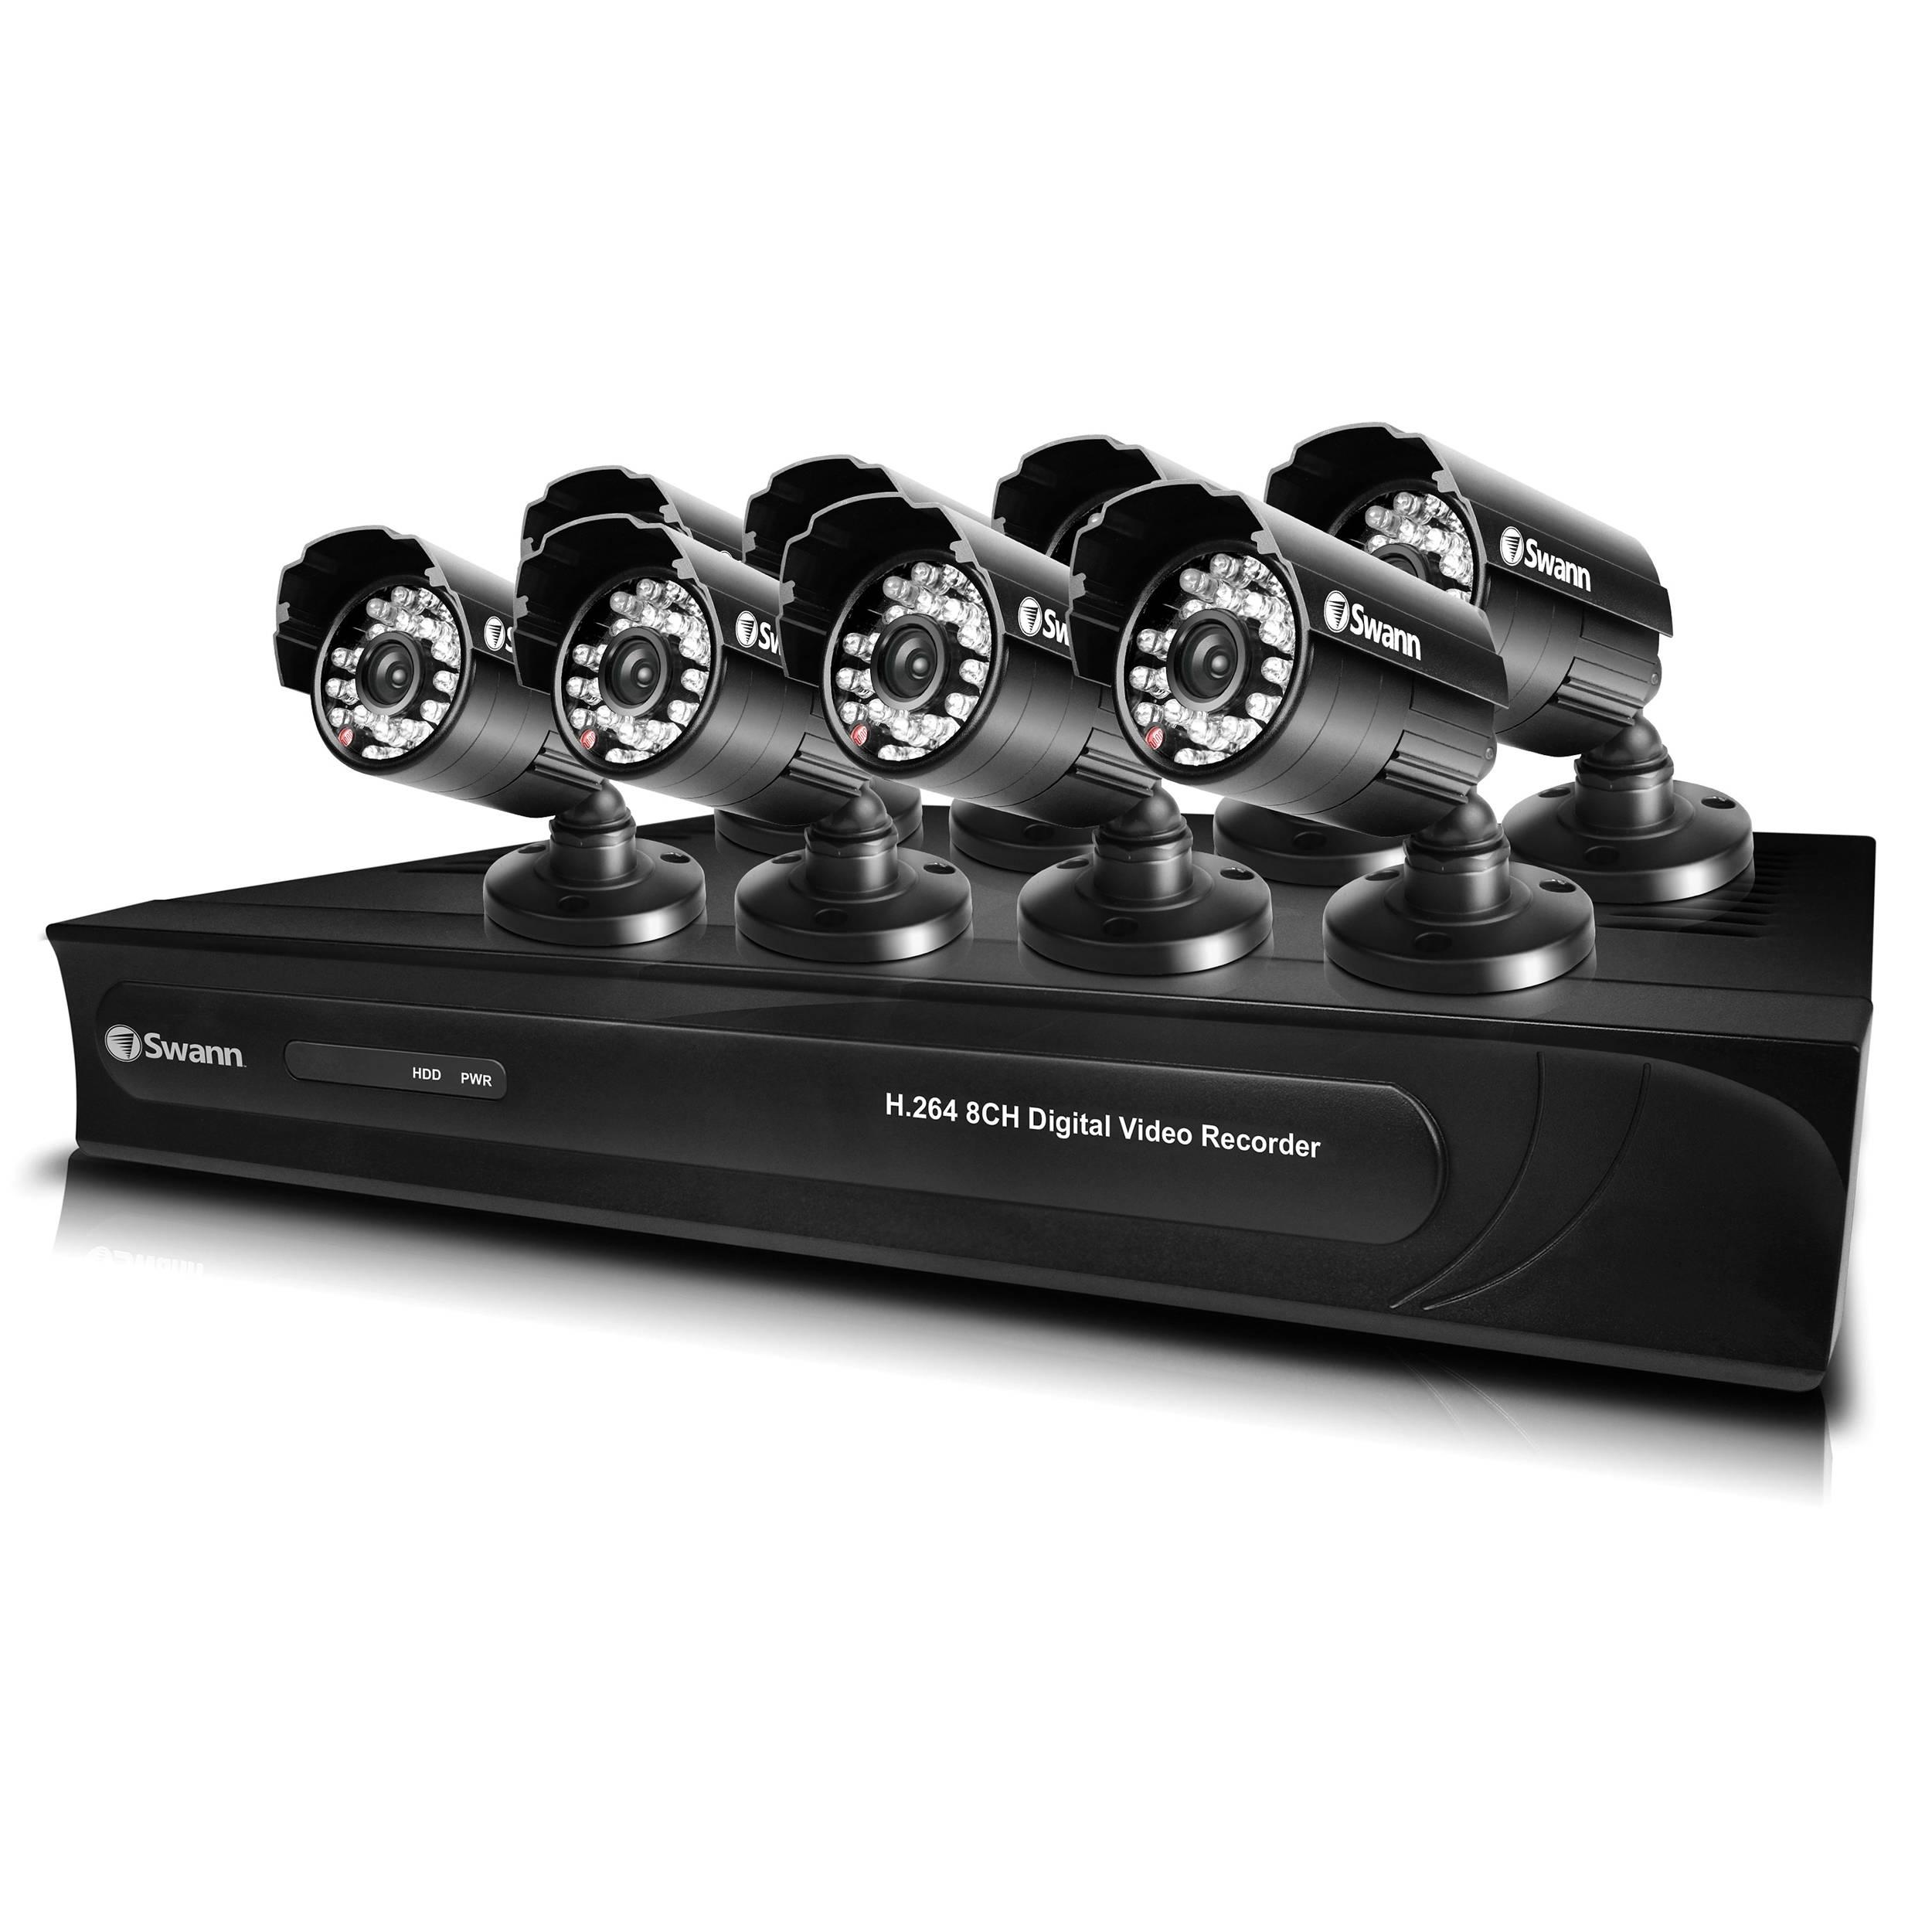 Swann DVR8-3250 8-Ch DVR with 8 PRO-615 Cameras 650 TVL Bundle (500 GB HDD)